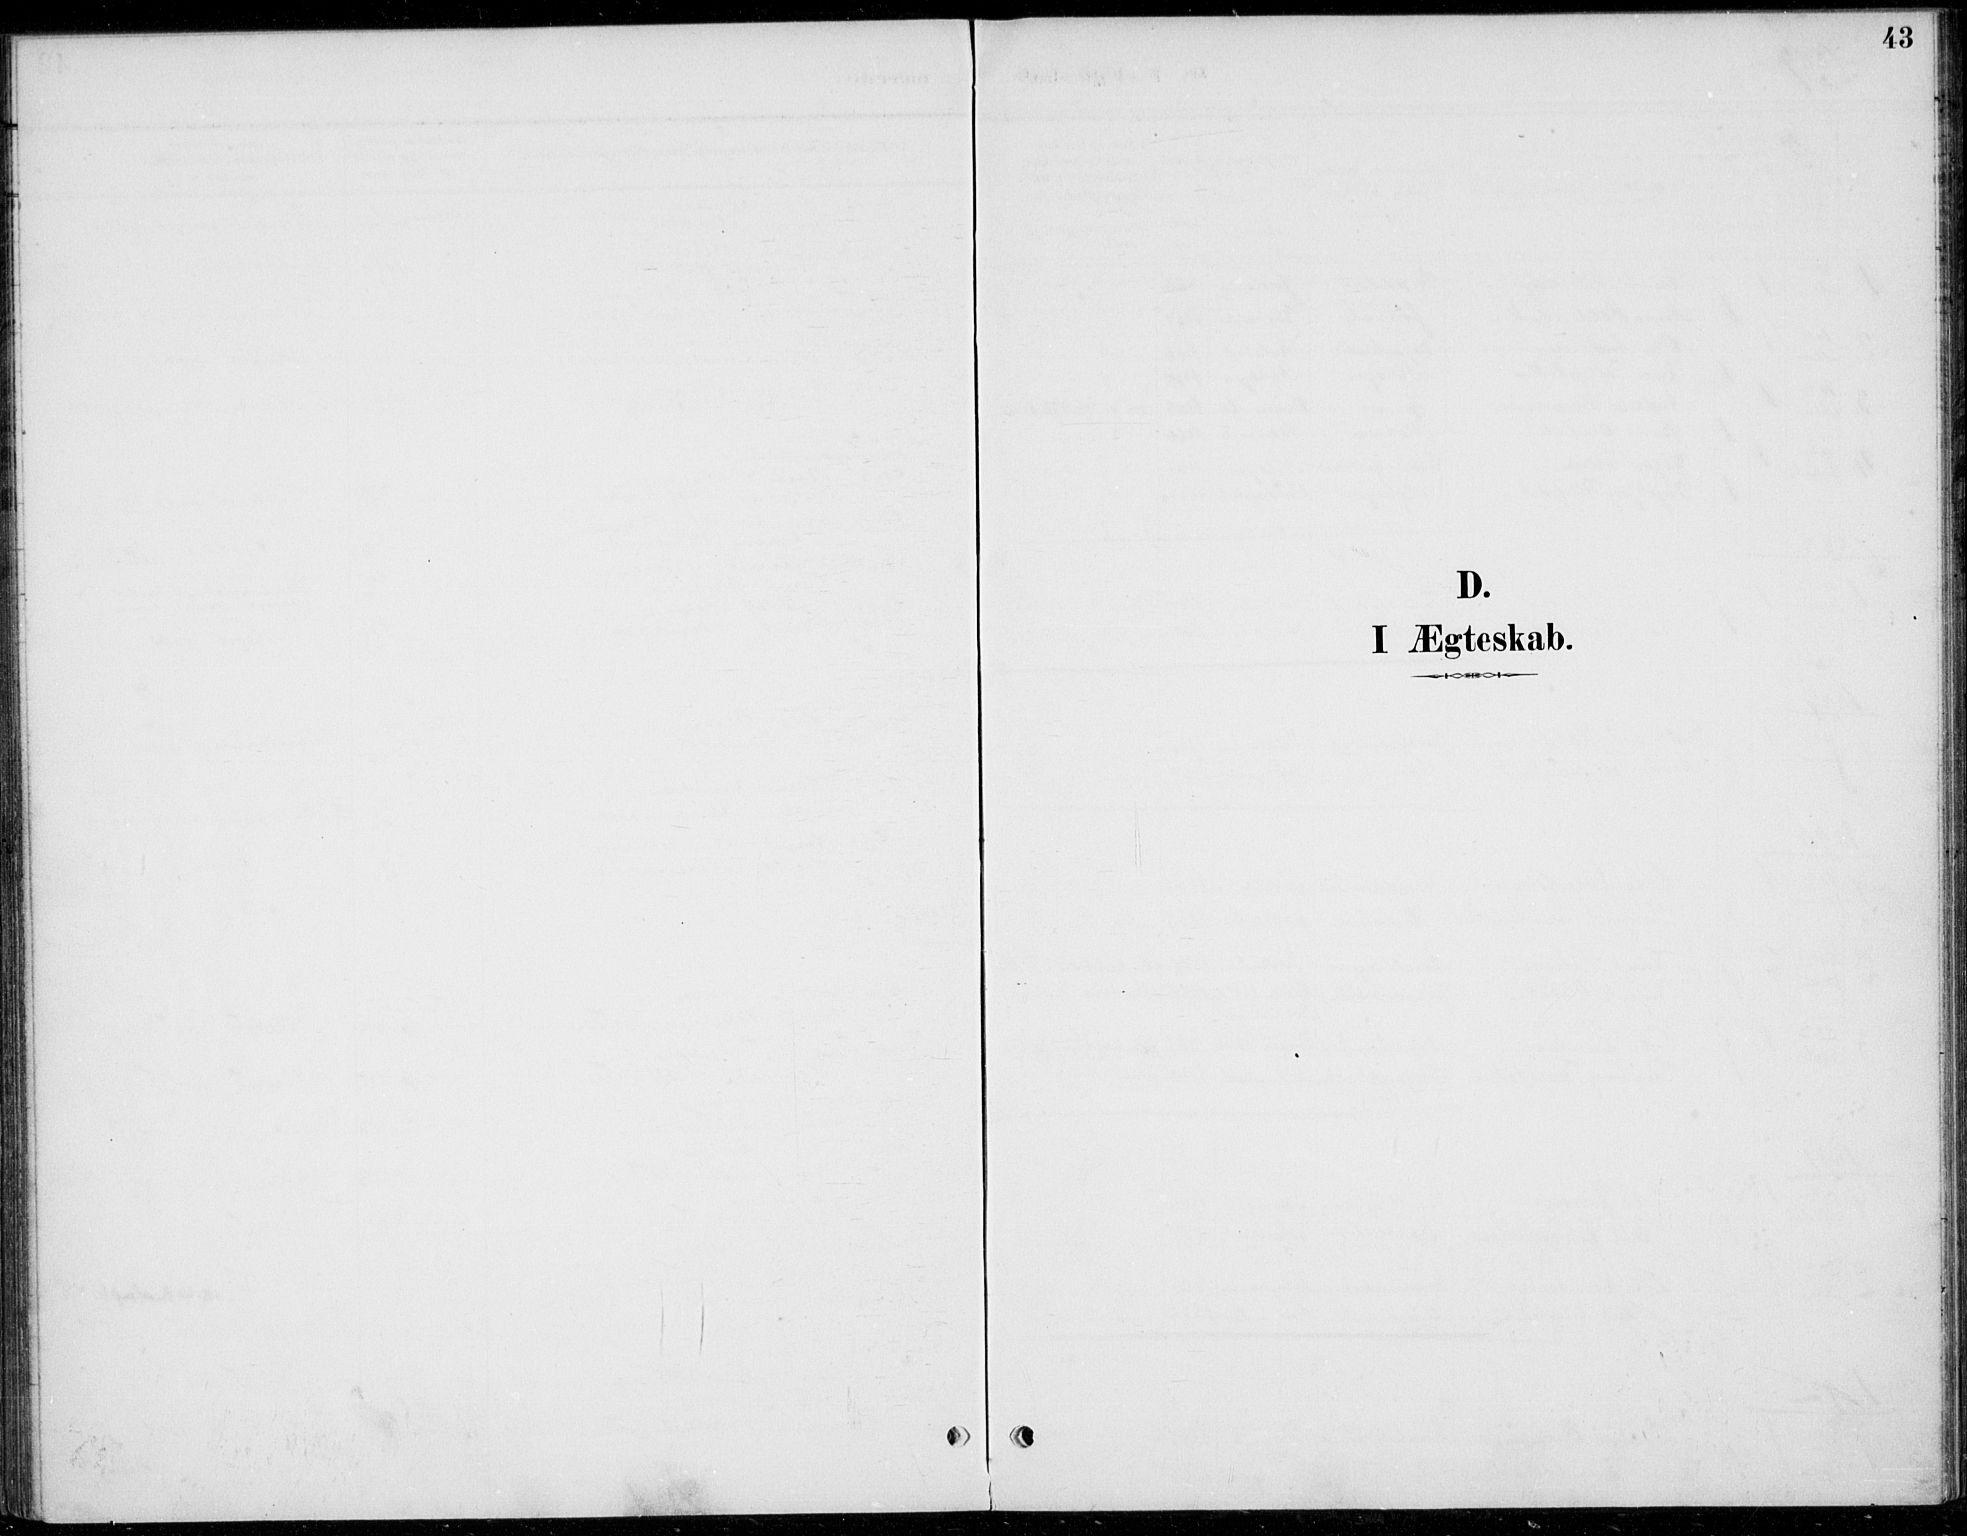 SAH, Øystre Slidre prestekontor, Ministerialbok nr. 5, 1887-1916, s. 43